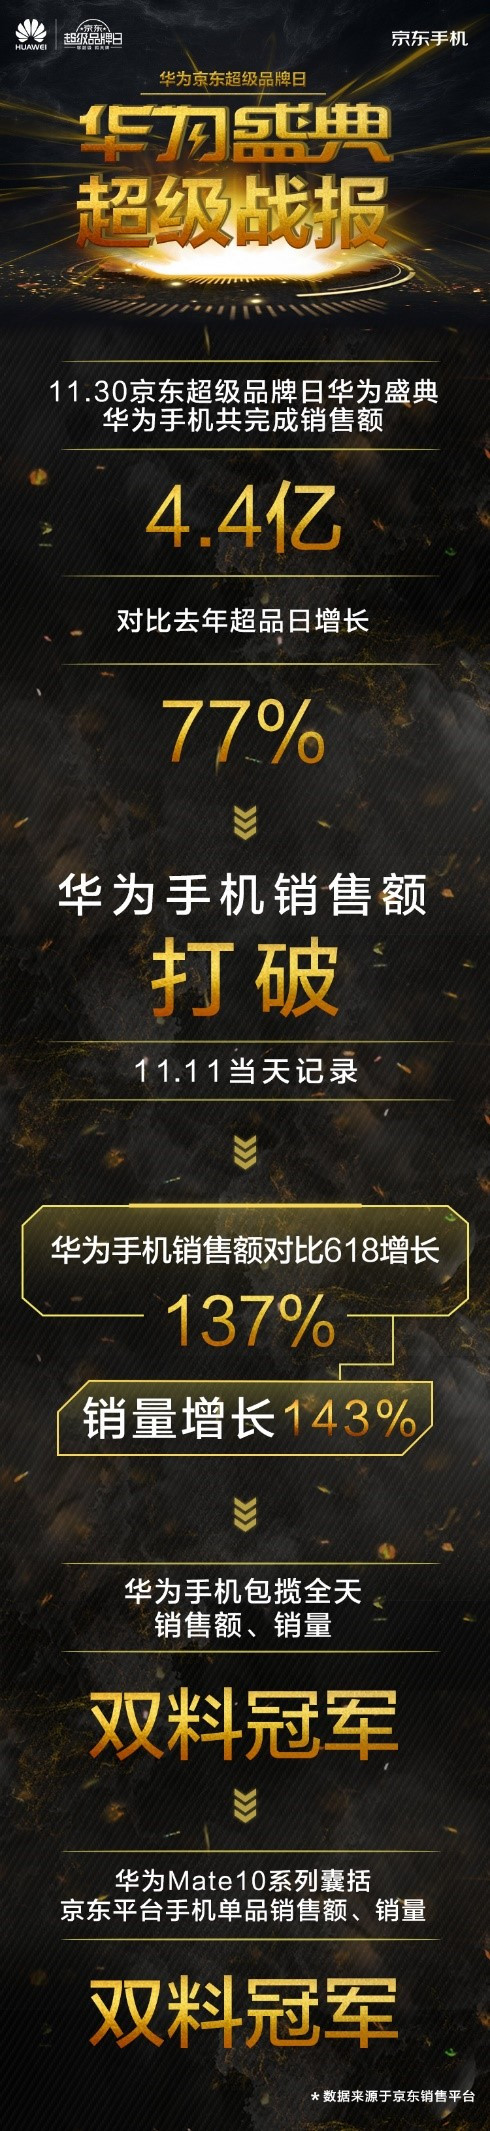 超越11.11!京东超级品牌日华为盛典包揽多项销售冠军